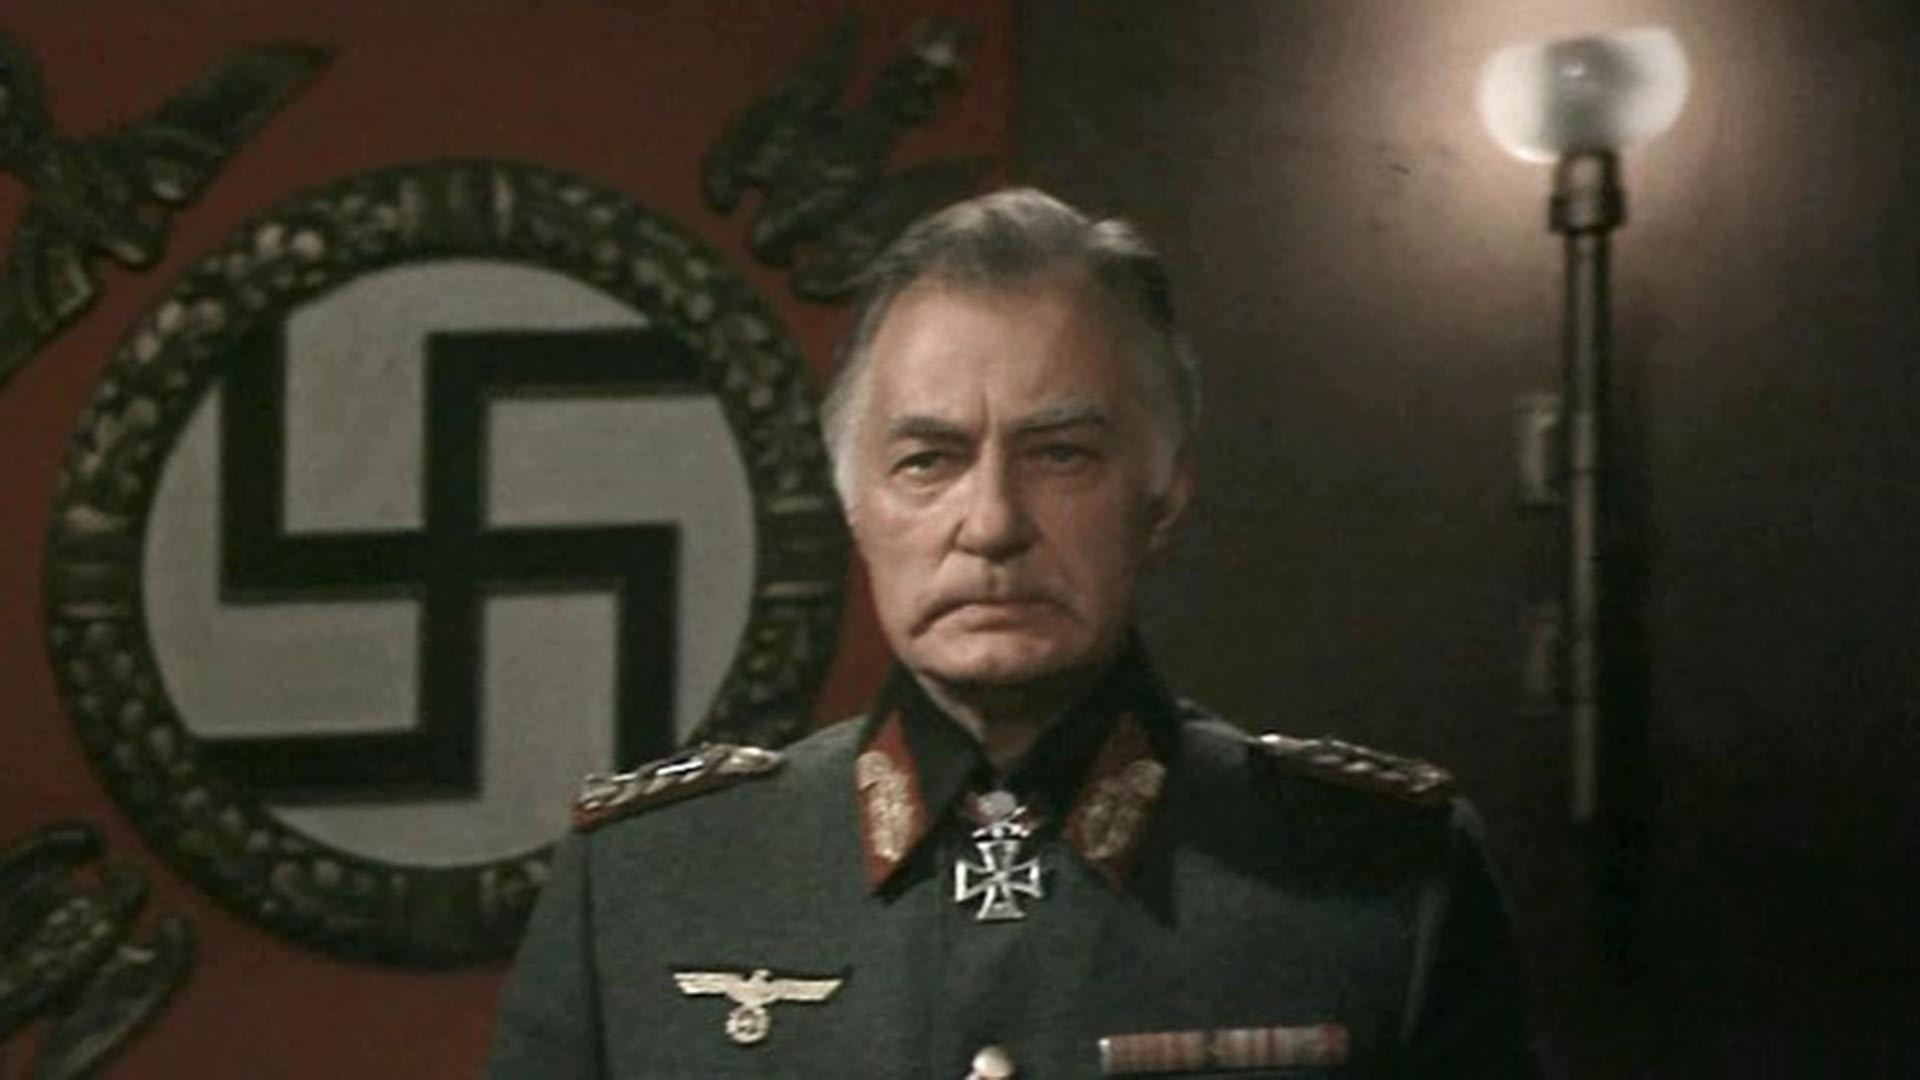 Harijs Liepins in 'Counterstrike'.